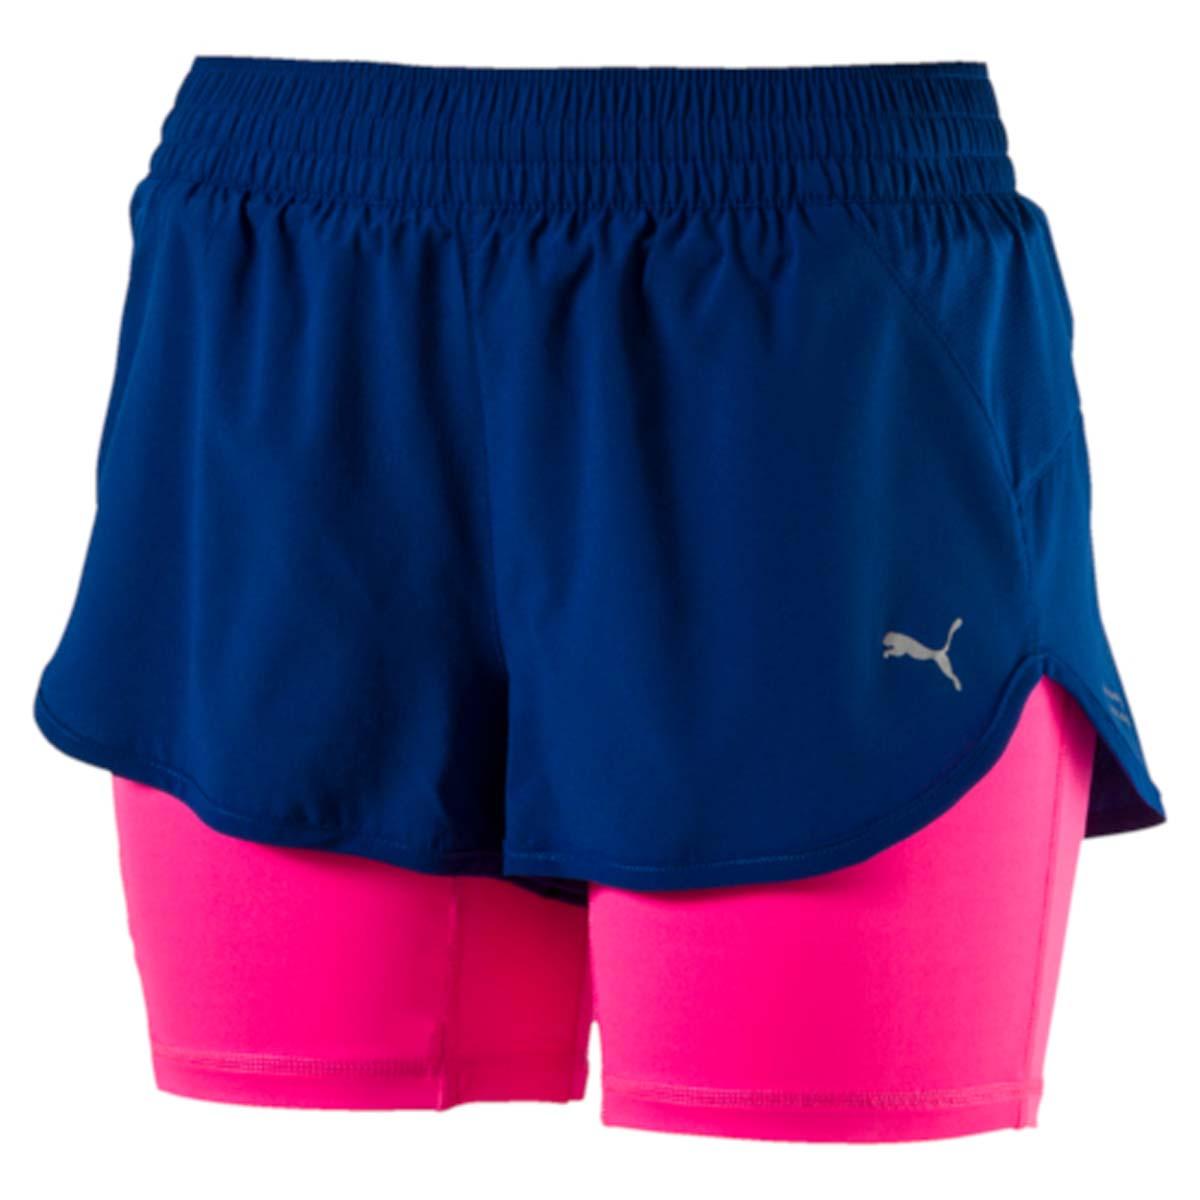 Шорты для бега женские Puma Blast 2in1 3 Short W, цвет: синий, розовый. 51507402. Размер S (42/44)51507402Эти оригинальные тренировочные шорты 2 в 1 изготовлены с использованием высокофункциональной технологии dryCELL, которая отводит влагу, поддерживает тело сухим и гарантирует комфорт во время активных тренировок и занятий спортом. Внешние шорты из эластичной, хорошо растягивающейся ткани обеспечивают полную свободу движений, в то время как внутренние шорты выполнены из компрессионного, поддерживающего мышцы материала. Также шорты имеют вставки из сетчатого материала во избежание перегрева и декорированы логотипом и другими деталями из светоотражающего материала для обеспечения вашей безопасности в темное время суток. Ткань изделия обработана уникальной органической пропиткой Cleansport NXT, гарантирующей только приятные запахи. Карман сзади снабжен застежкой-молнией и водонепроницаемой подкладкой для надежного хранения ваших вещей. Кроме того, имеется вместительный боковой карман изменяемого объема для мобильного телефона. Пояс из эластичного материала с кулиской снабжен затягивающимся шнуром для лучшей посадки по фигуре.